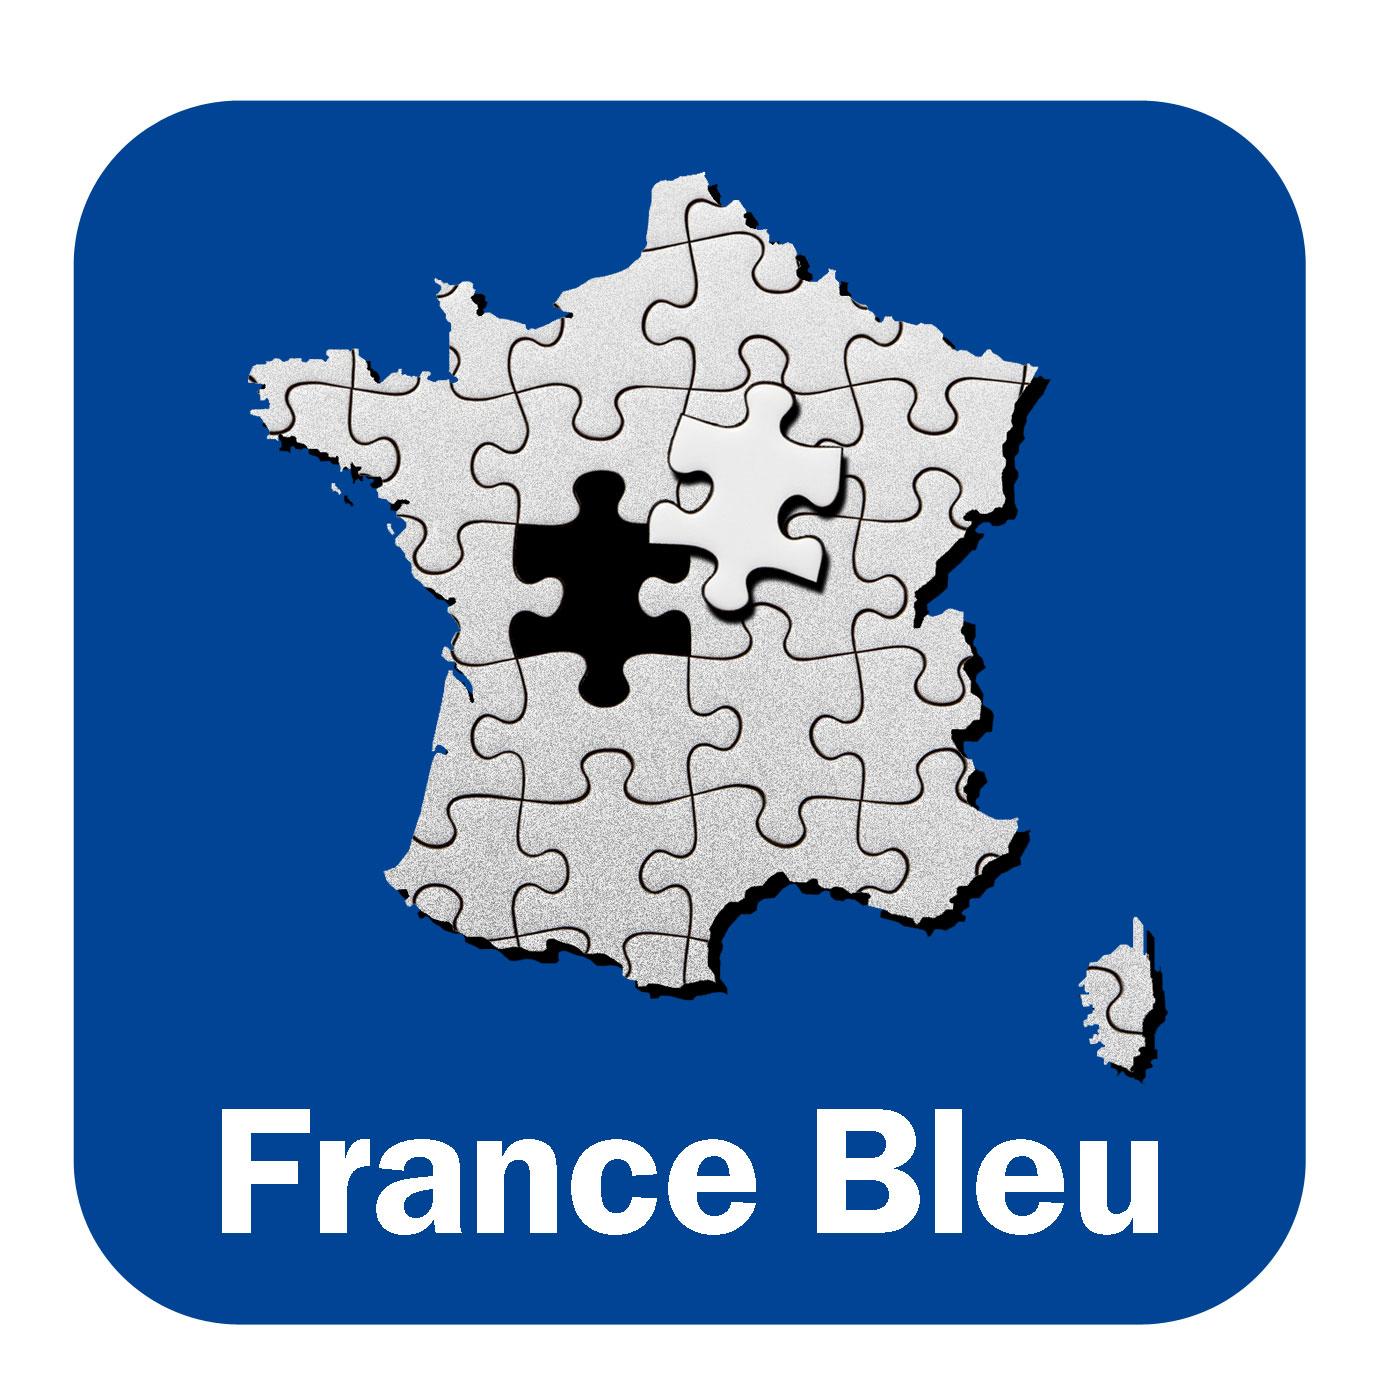 Le Paris de la mobilité France Bleu 107.1